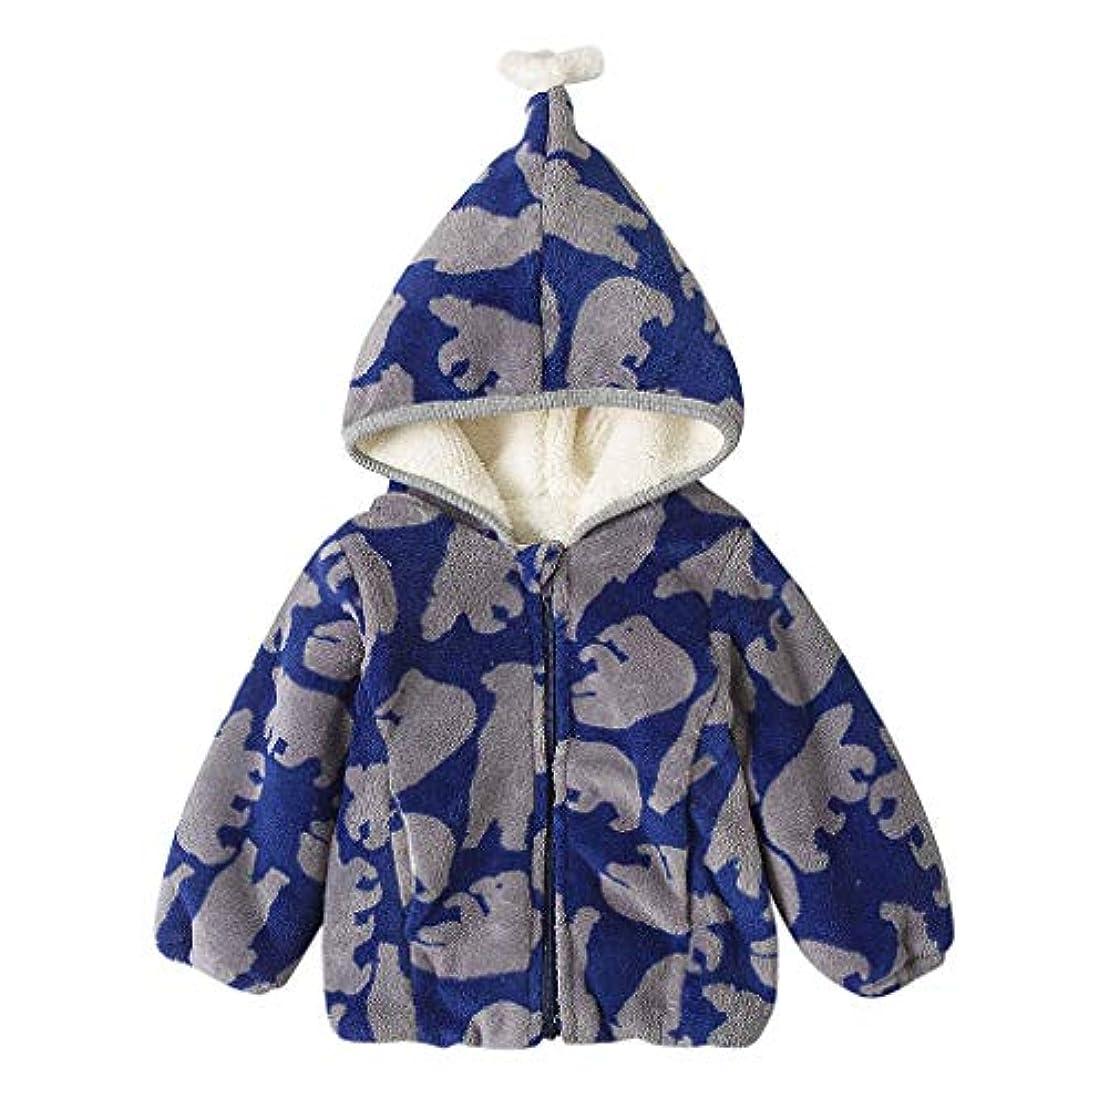 クラウン口述する買い物に行くかわいい柄あたたかい男の子女の子赤ちゃん冬コートジャケット子供ジップ厚いスノースーツパーカーオーバーコート屋外かわいいルースソフト快適なブラウストップス